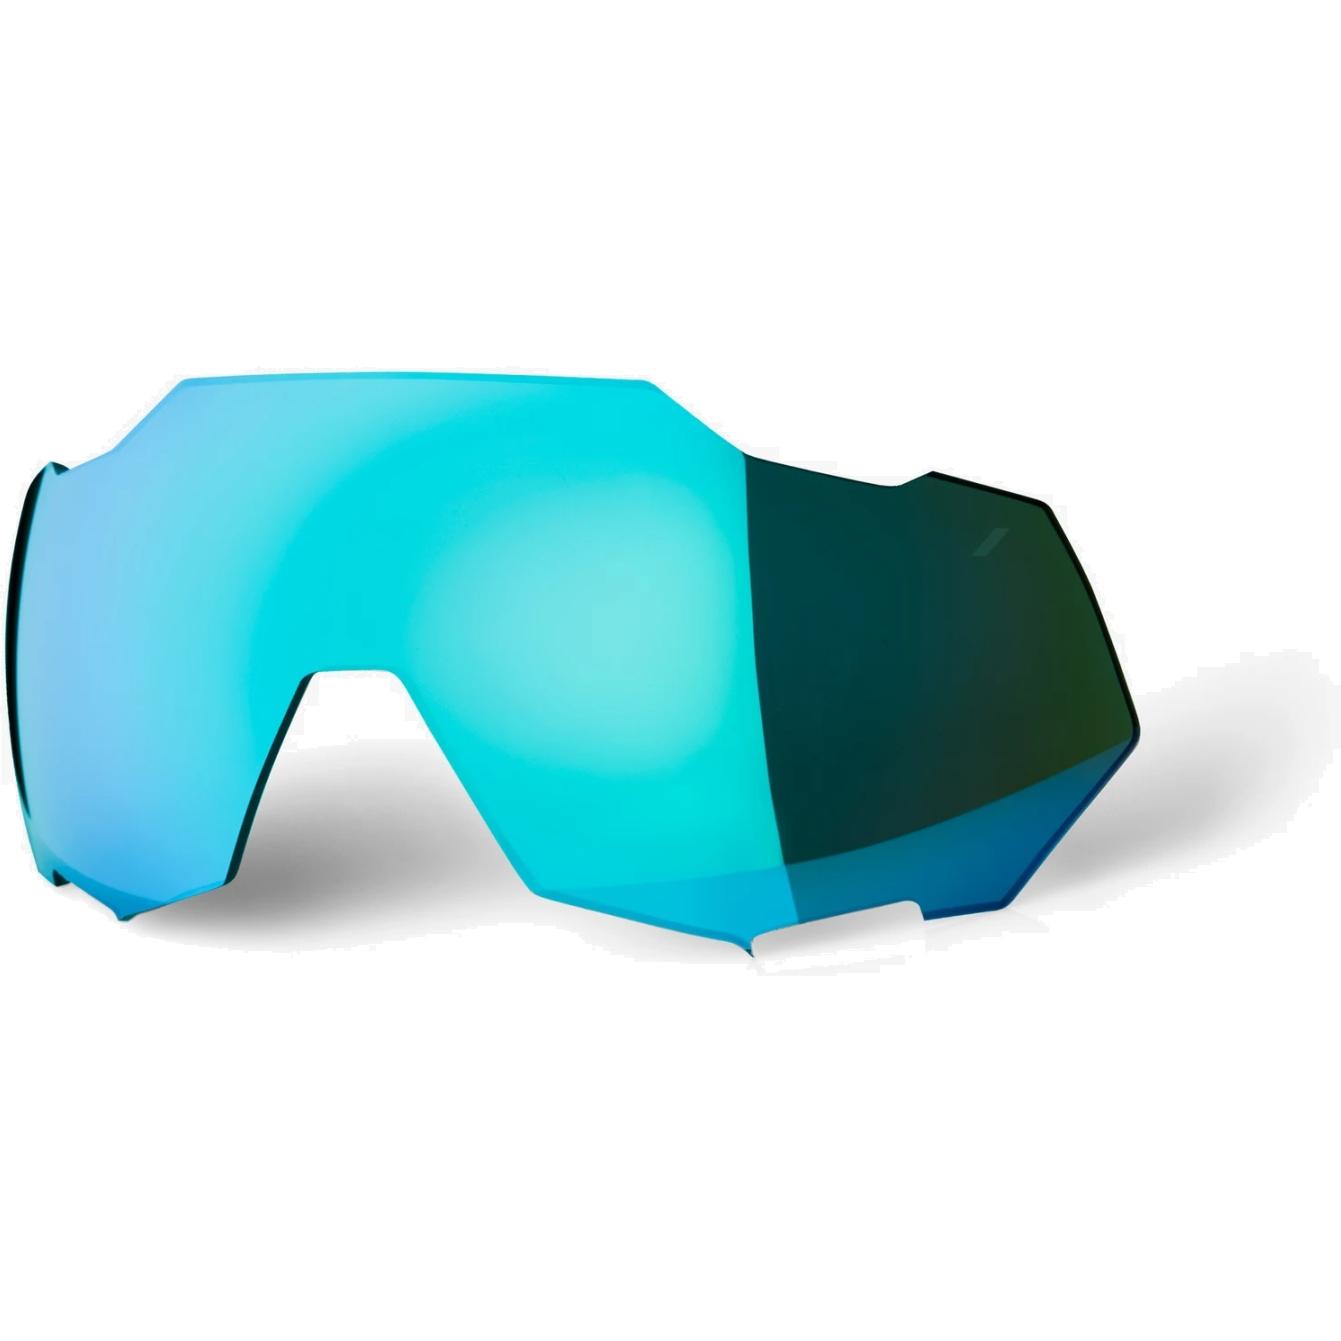 100% Speedtrap Mirror Lente de repuesto - Blue Topaz Mirror